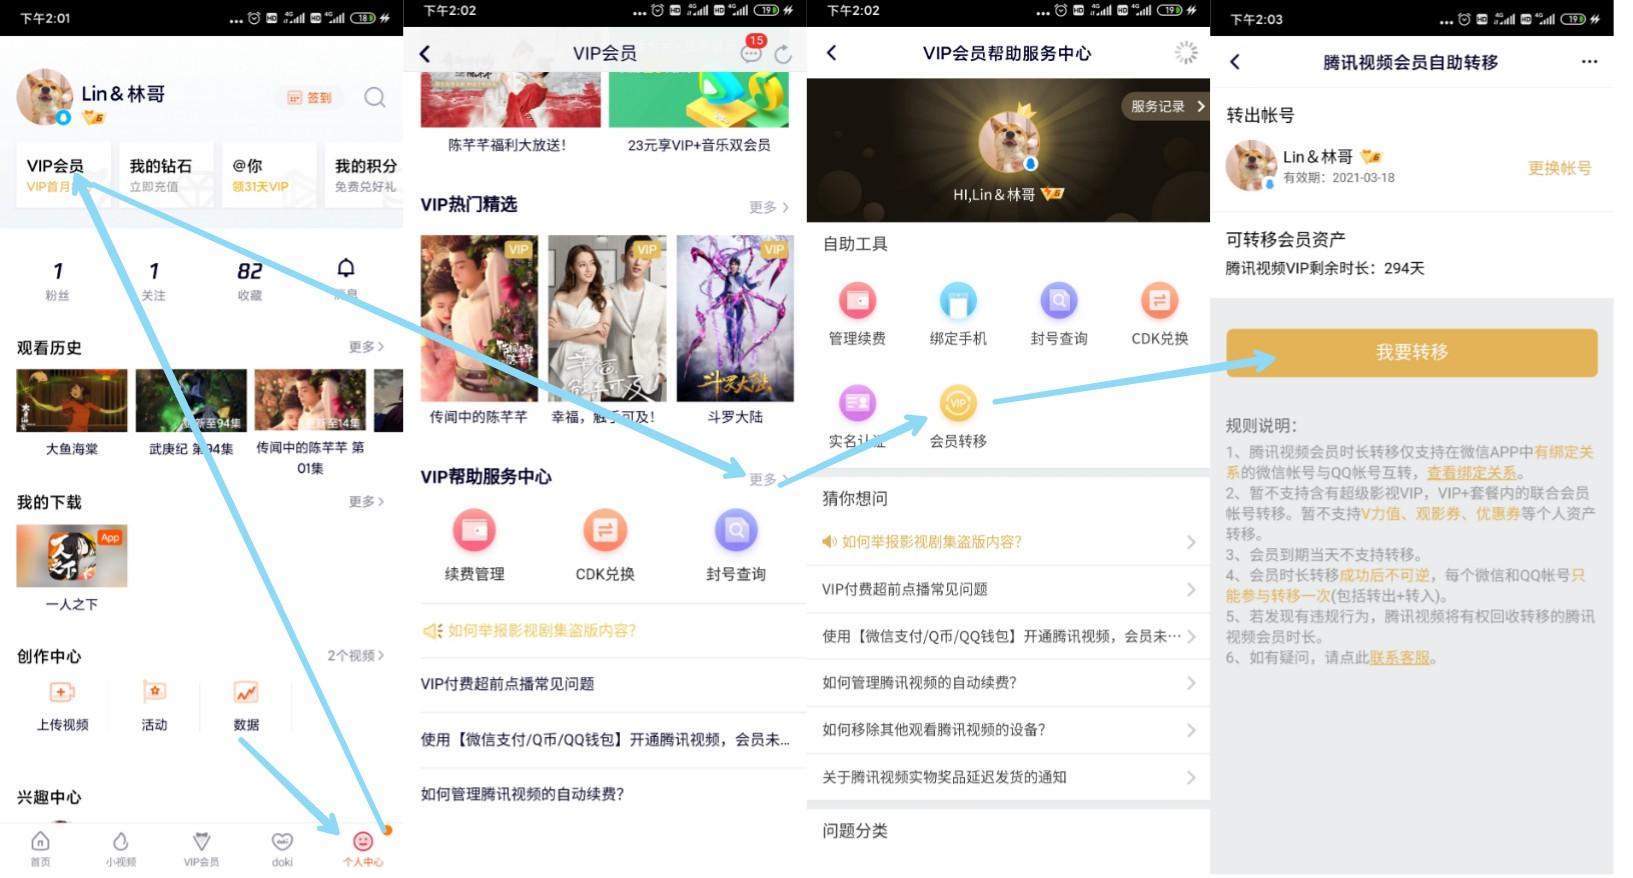 微信腾讯视频会员转移到QQ